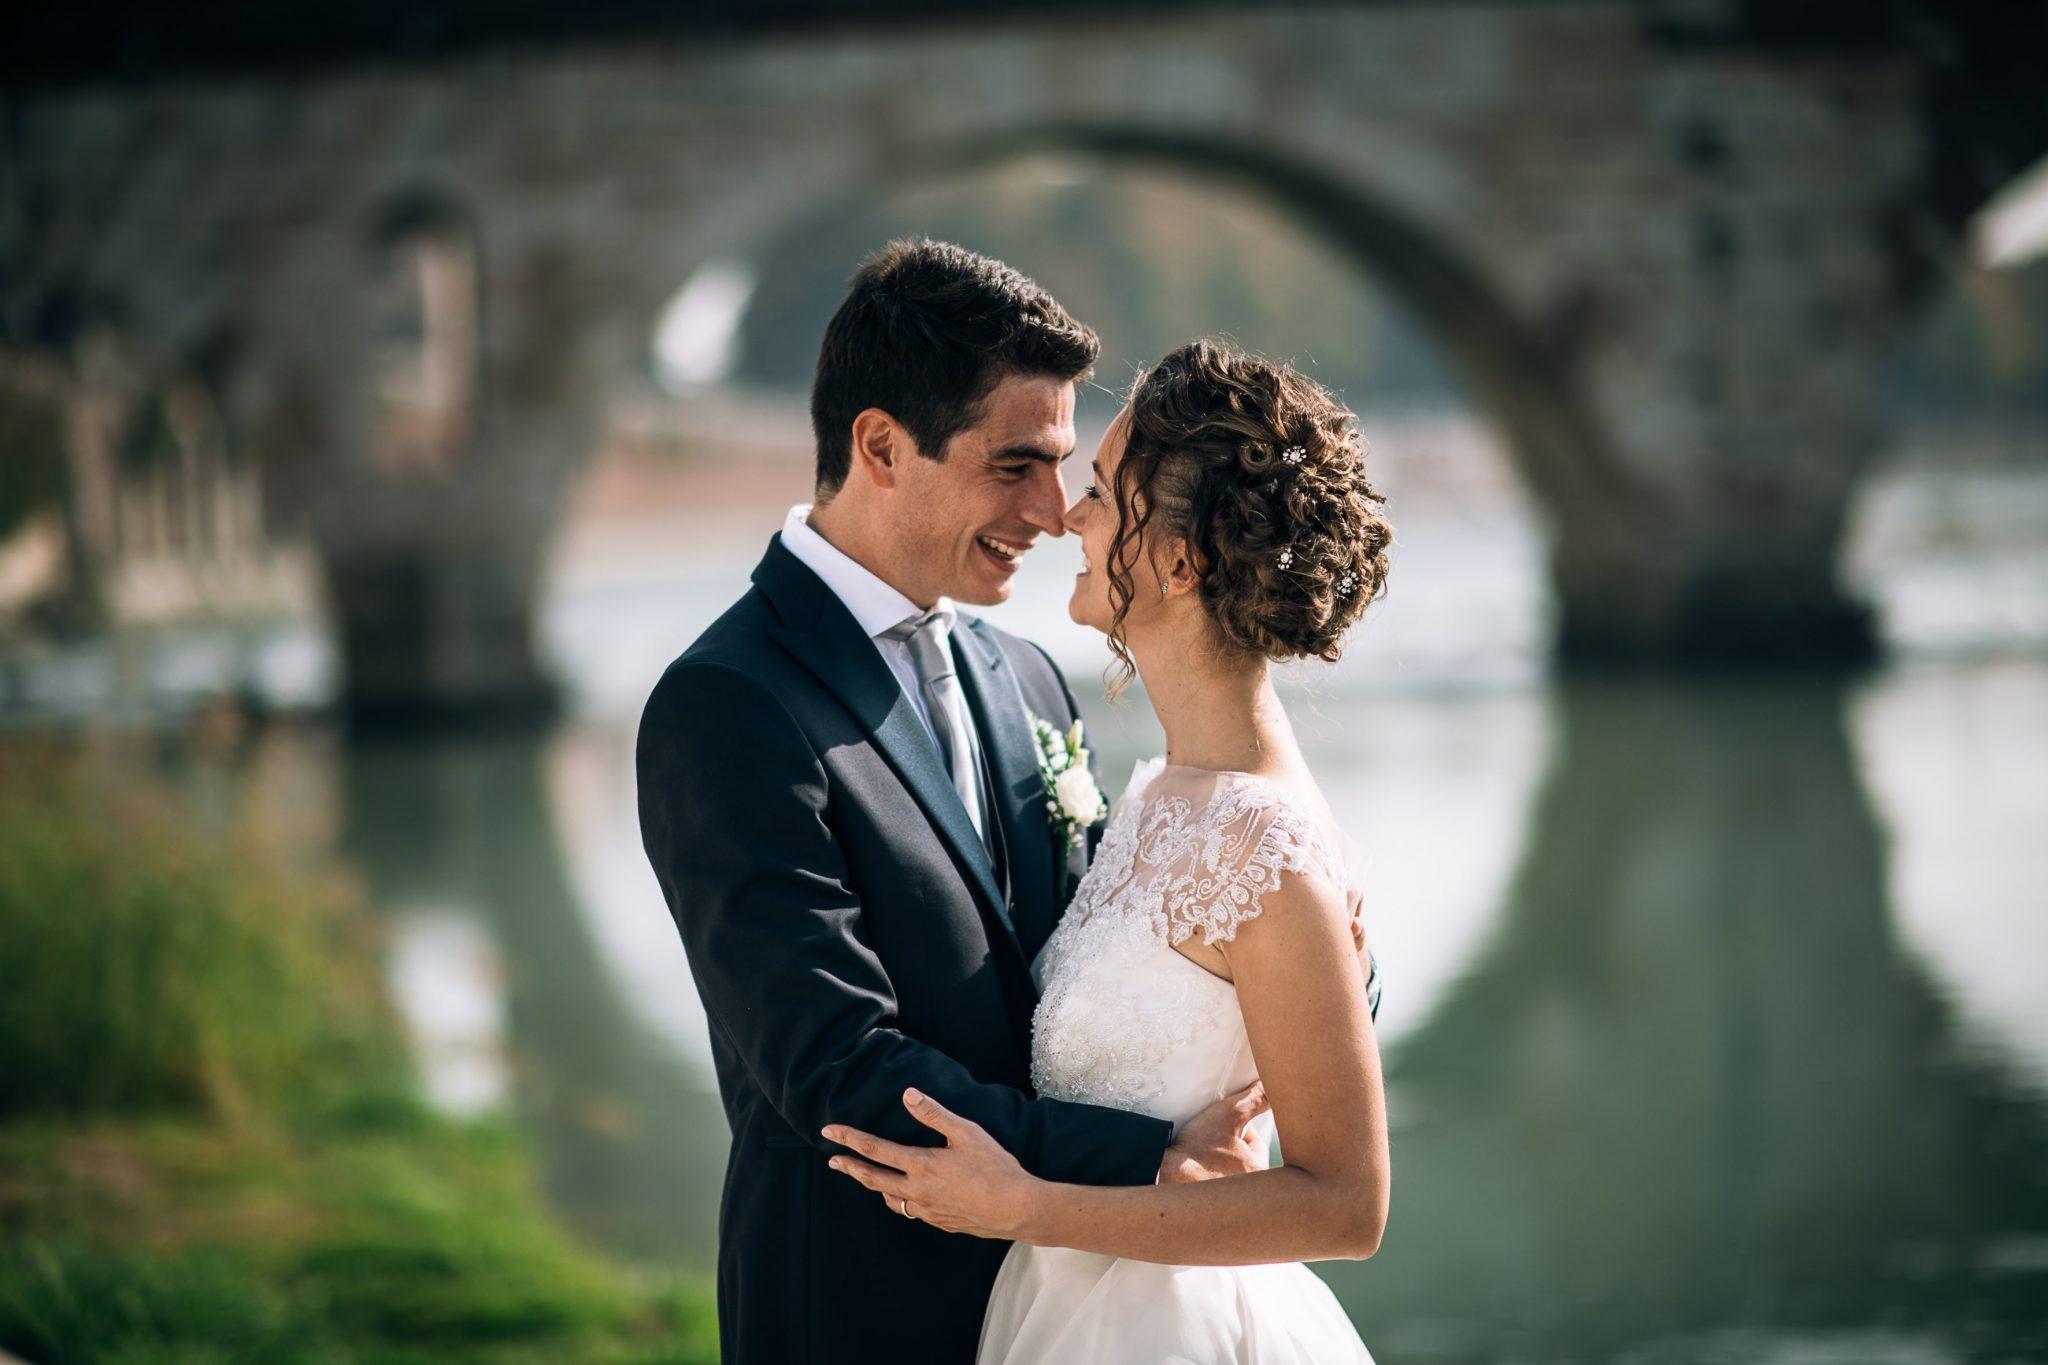 gli sposi mentre si abbracciano e guardano con il fiume alle spalle